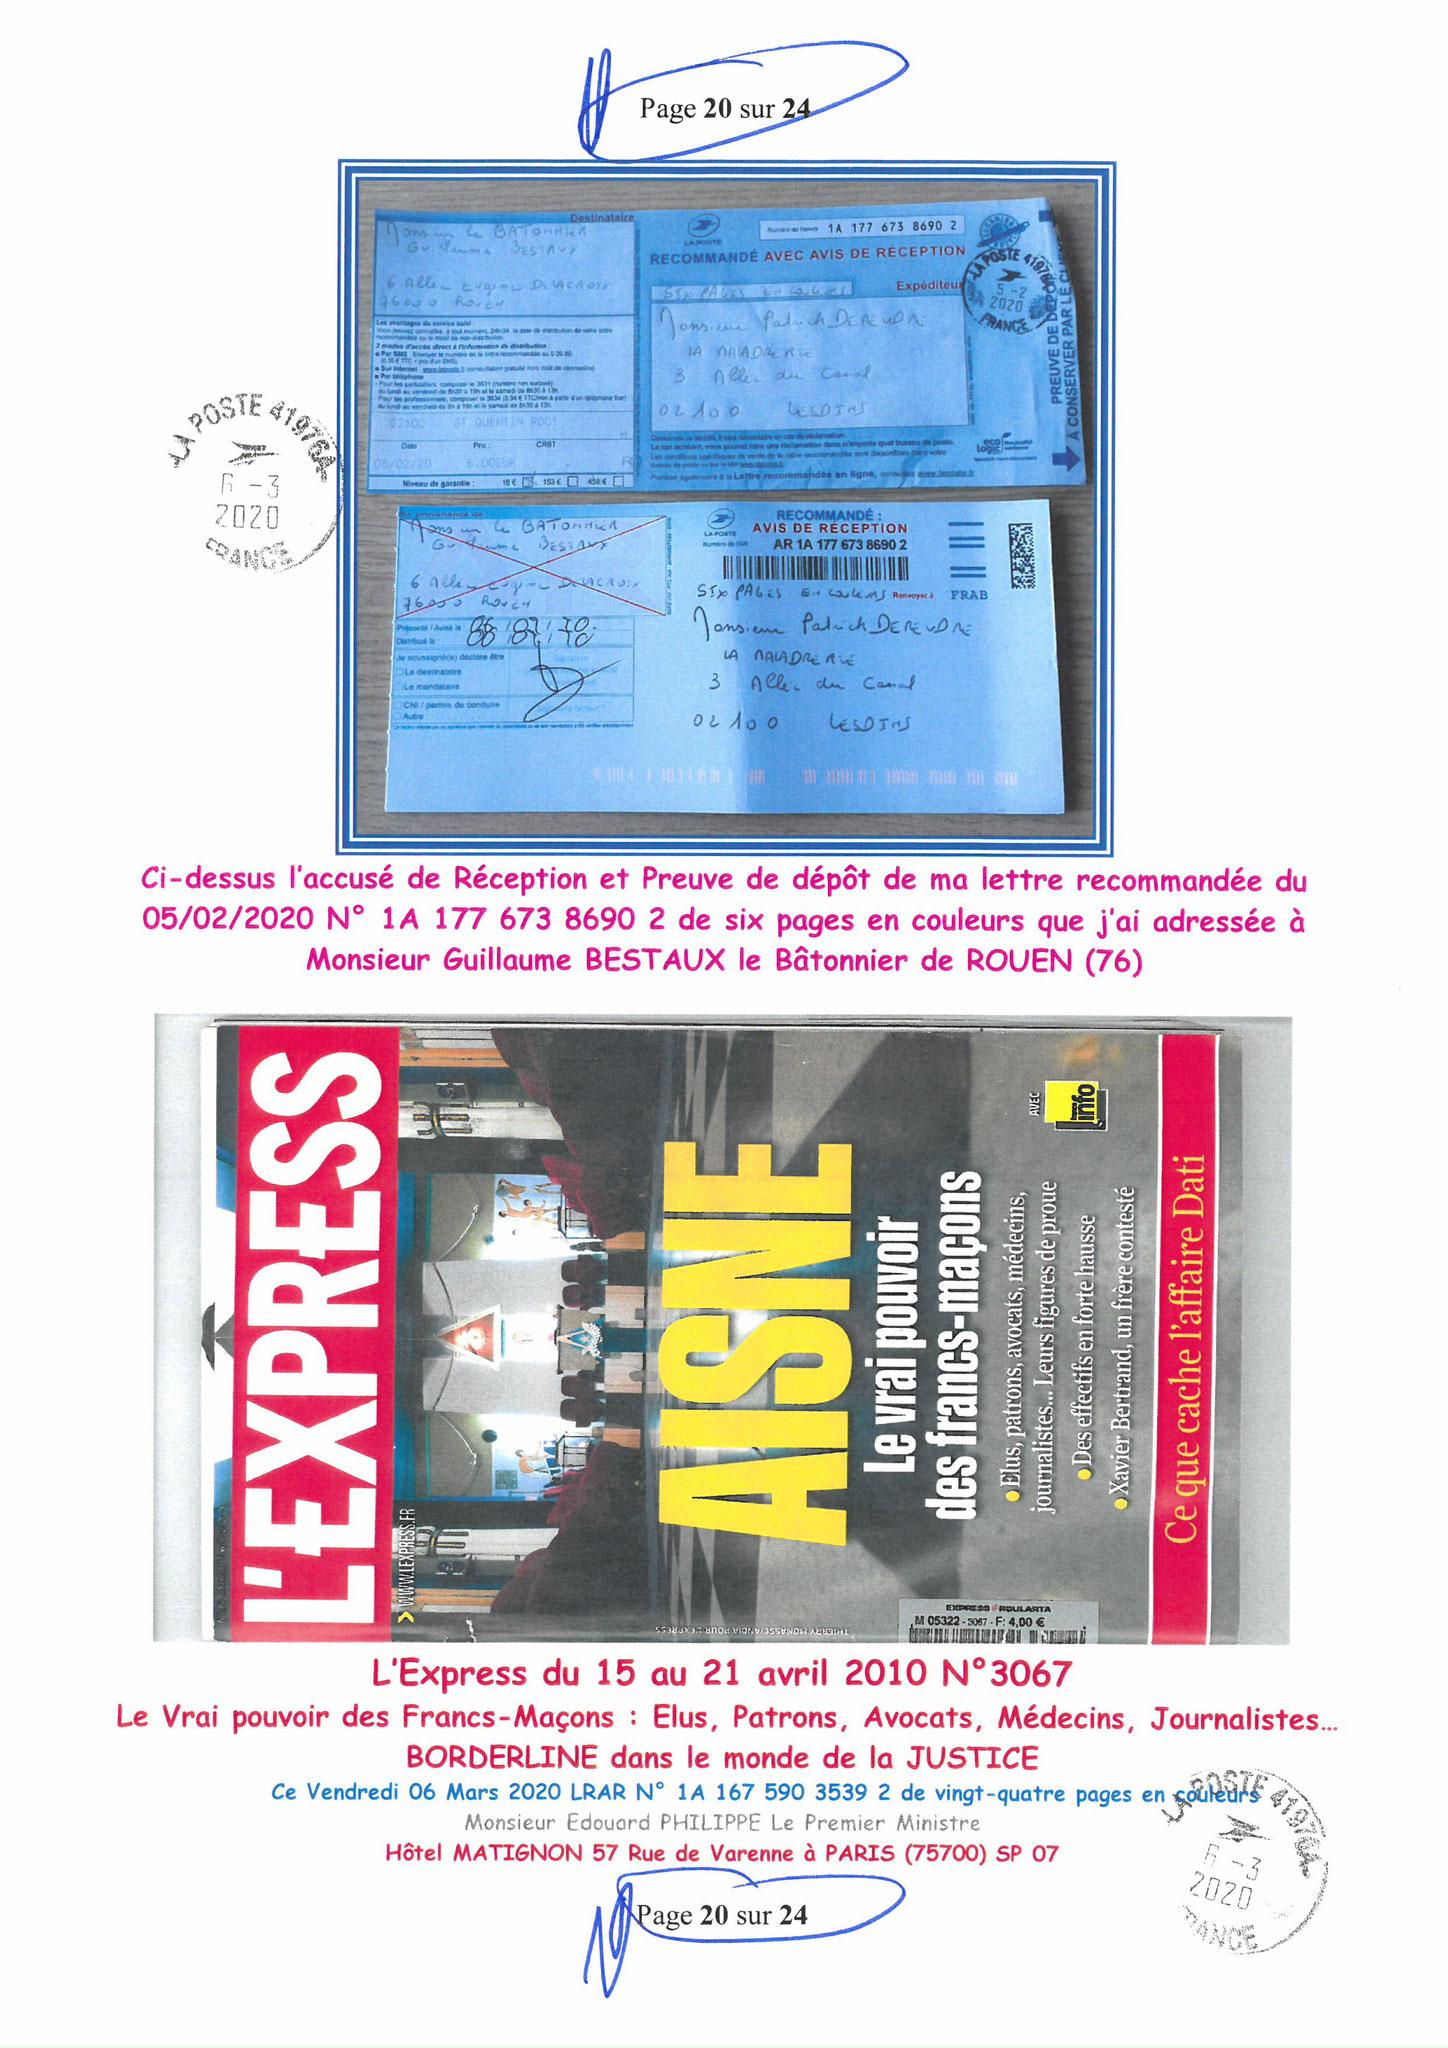 Ma LRAR à Monsieur le  Premier Ministre Edouard PHILIPPE N° 1A 167 590 3539 2 Page 20 sur 24 en Couleur du 06 Mars 2020  www.jesuispatrick.fr www.jesuisvictime.fr www.alerte-rouge-france.fr